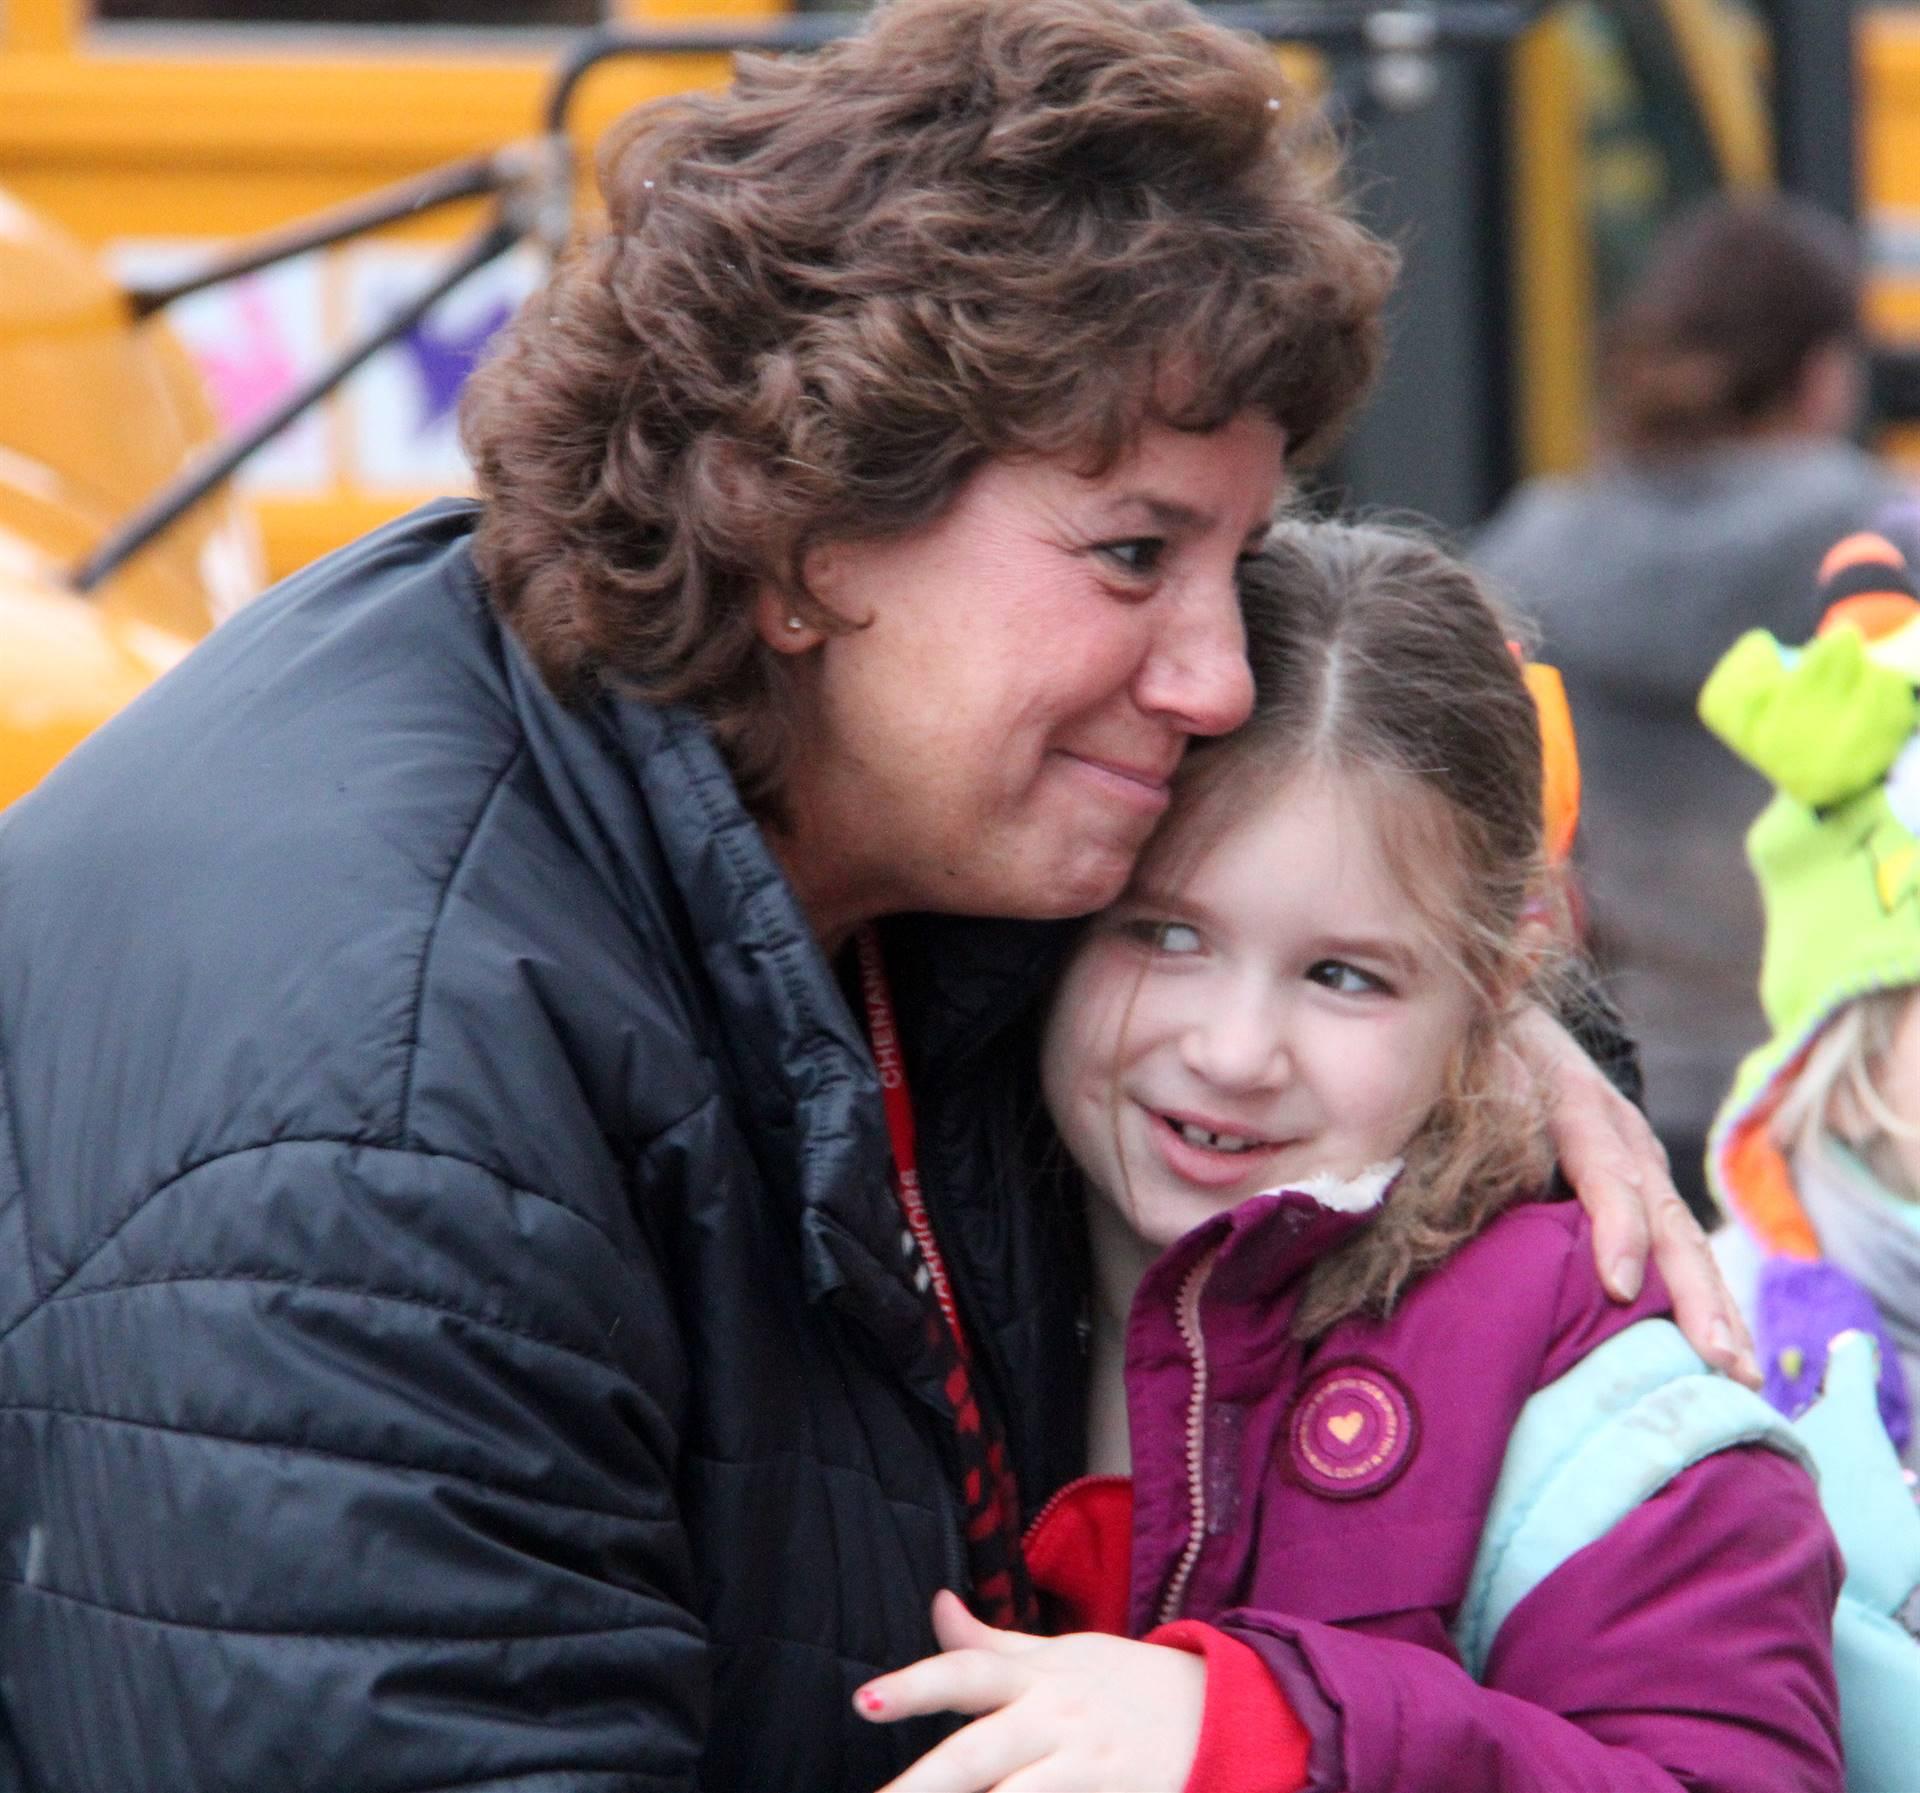 principal hugging student